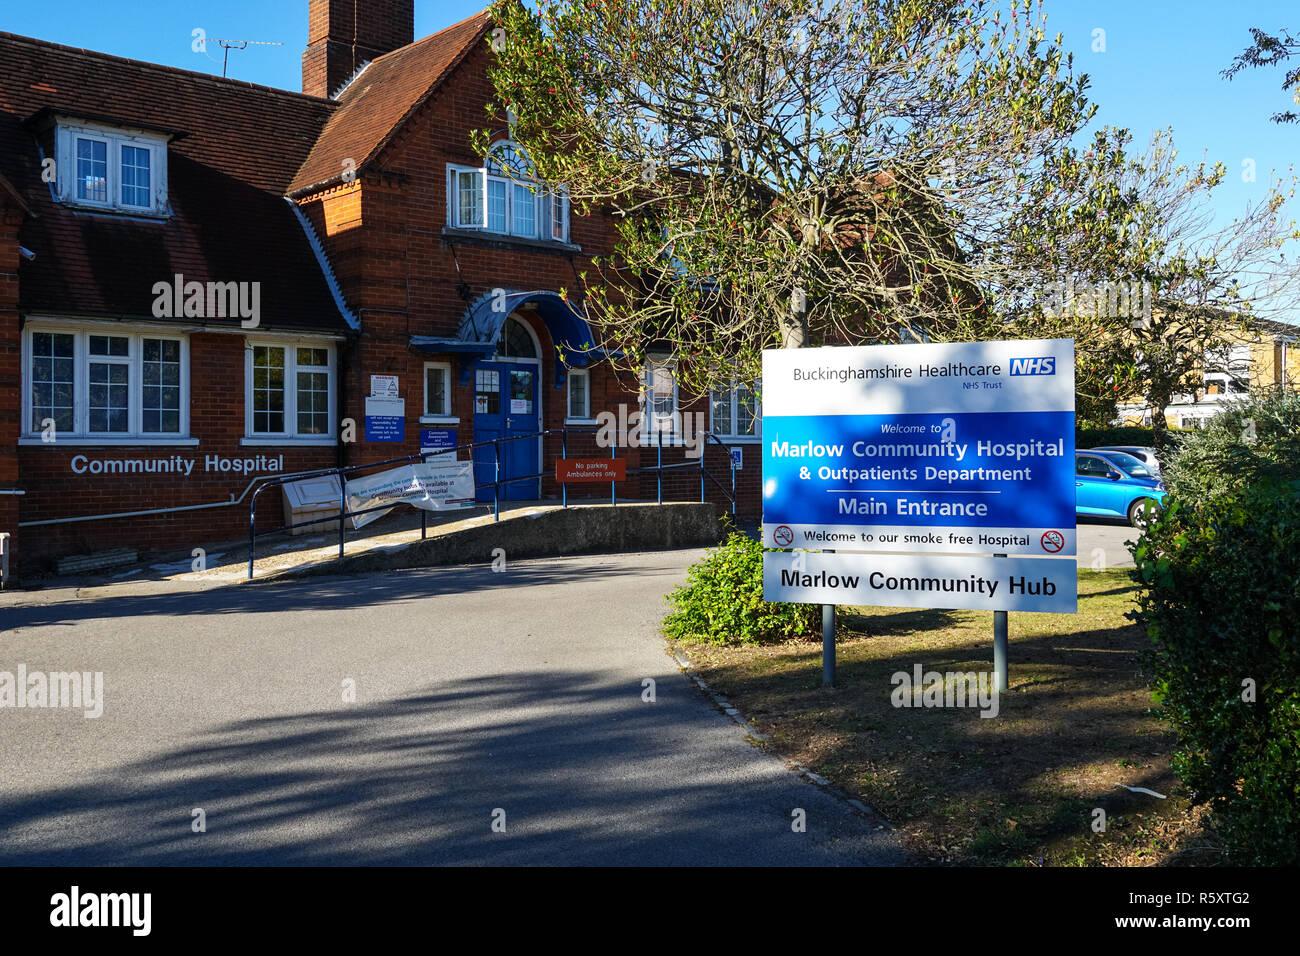 Marlow Community Hospital, Buckinghamshire, England United Kingdom UK - Stock Image